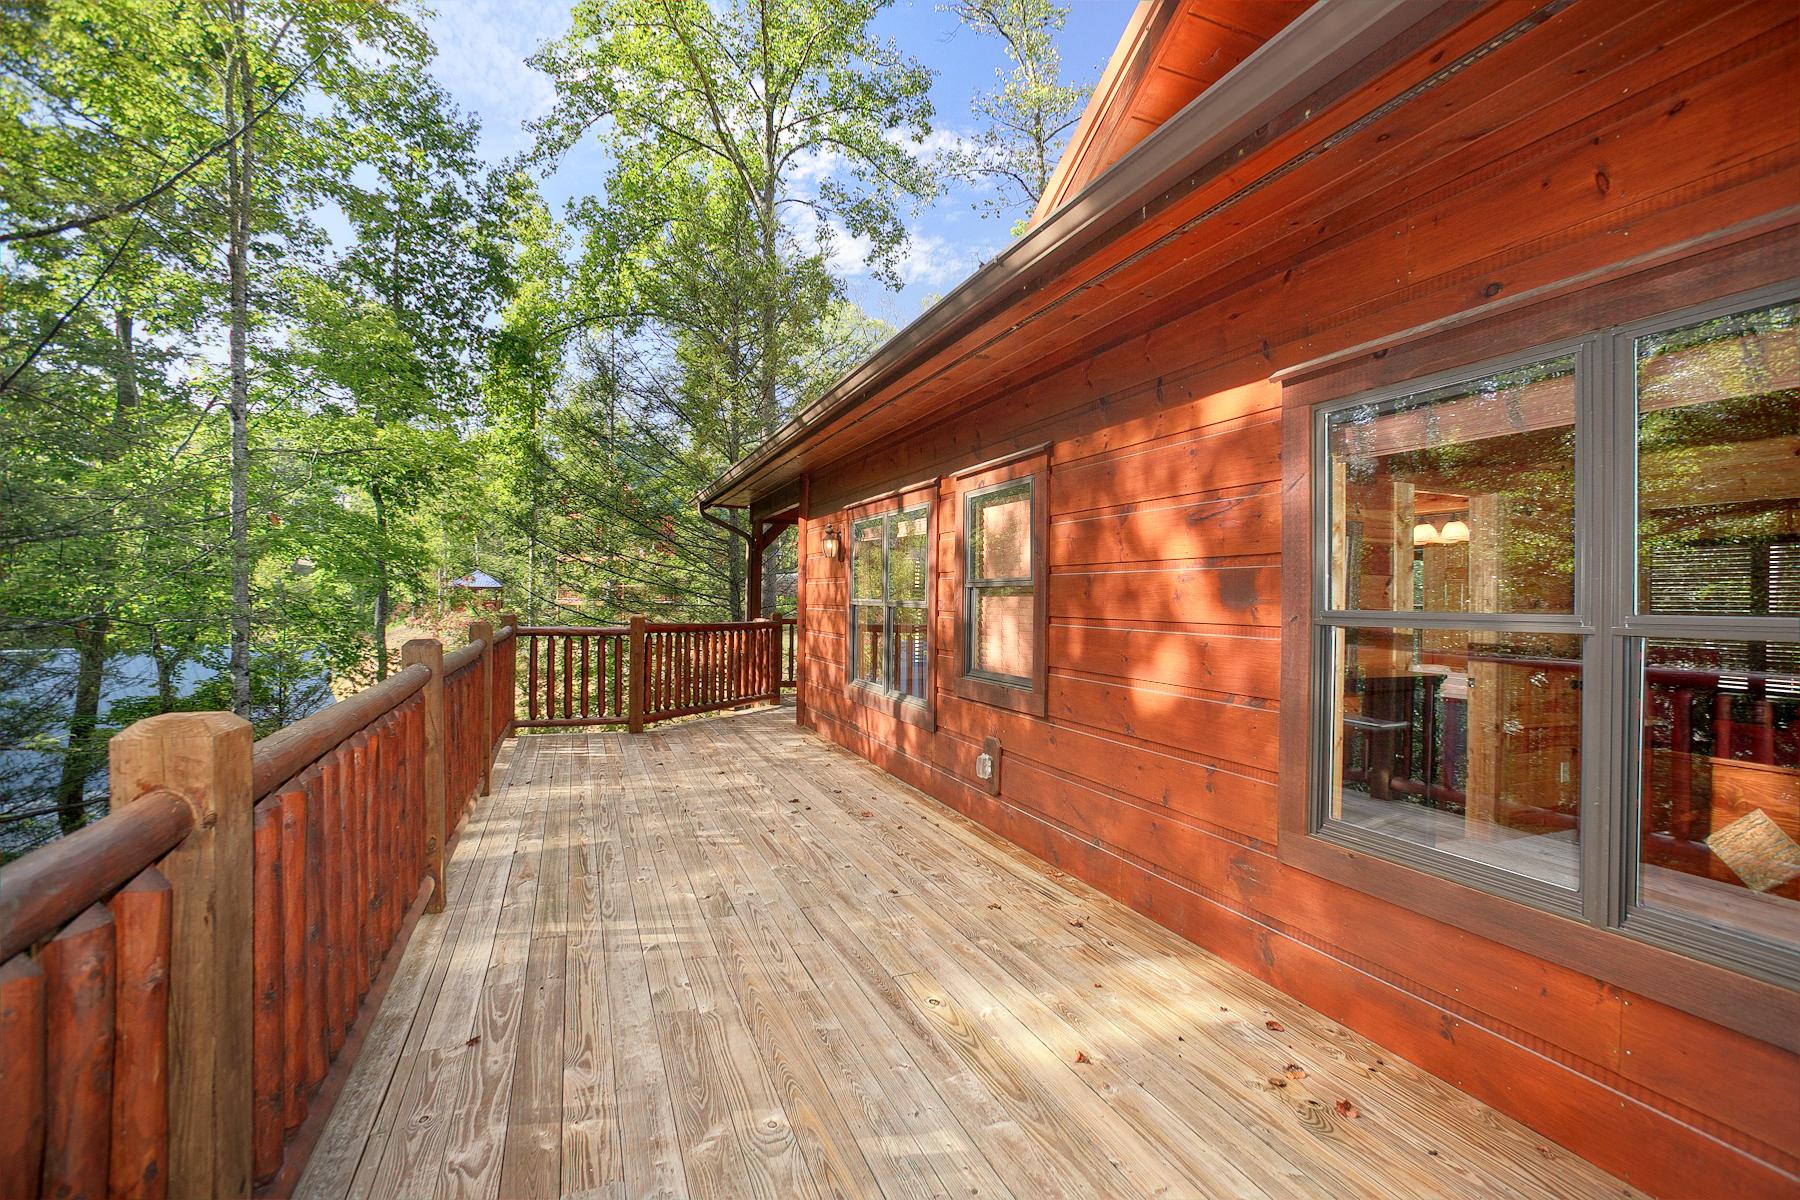 Bear cub lodge formerly legendary luxury cabin in for Little bear cabin in gatlinburg tn